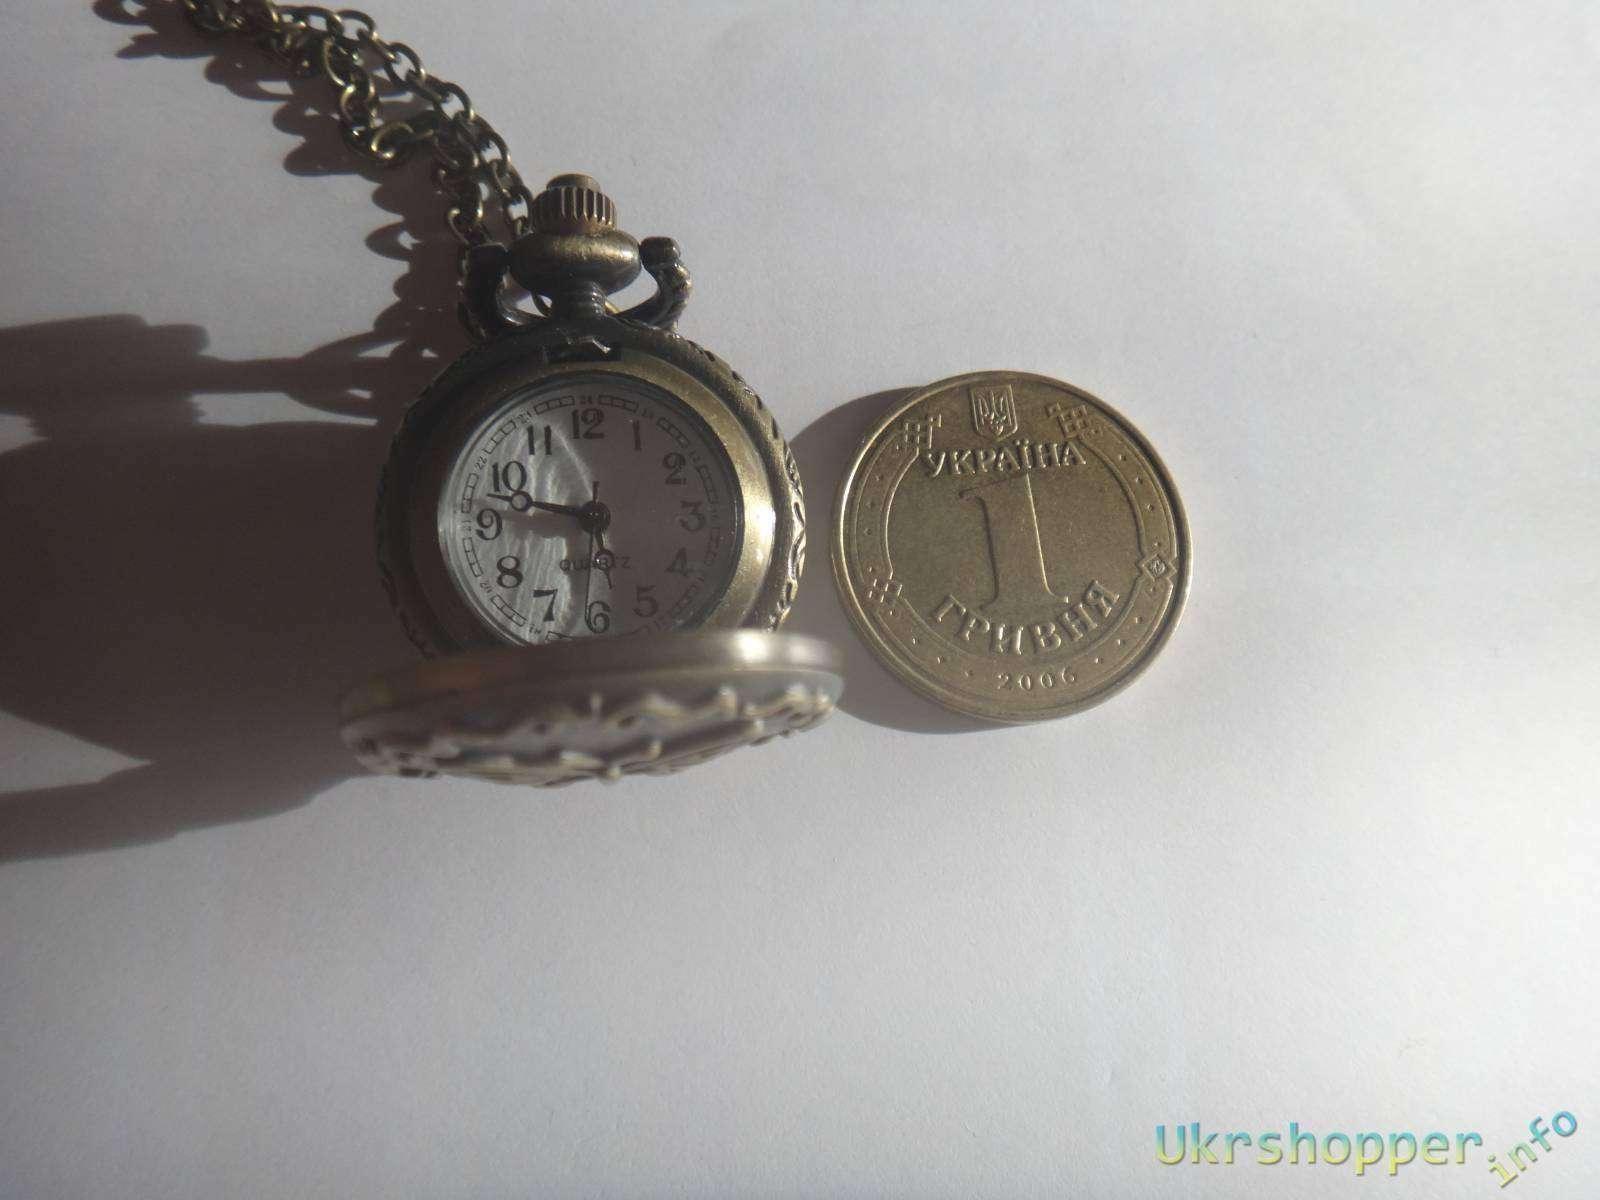 BuyinCoins: Обзор винтажных часиков на цепочке